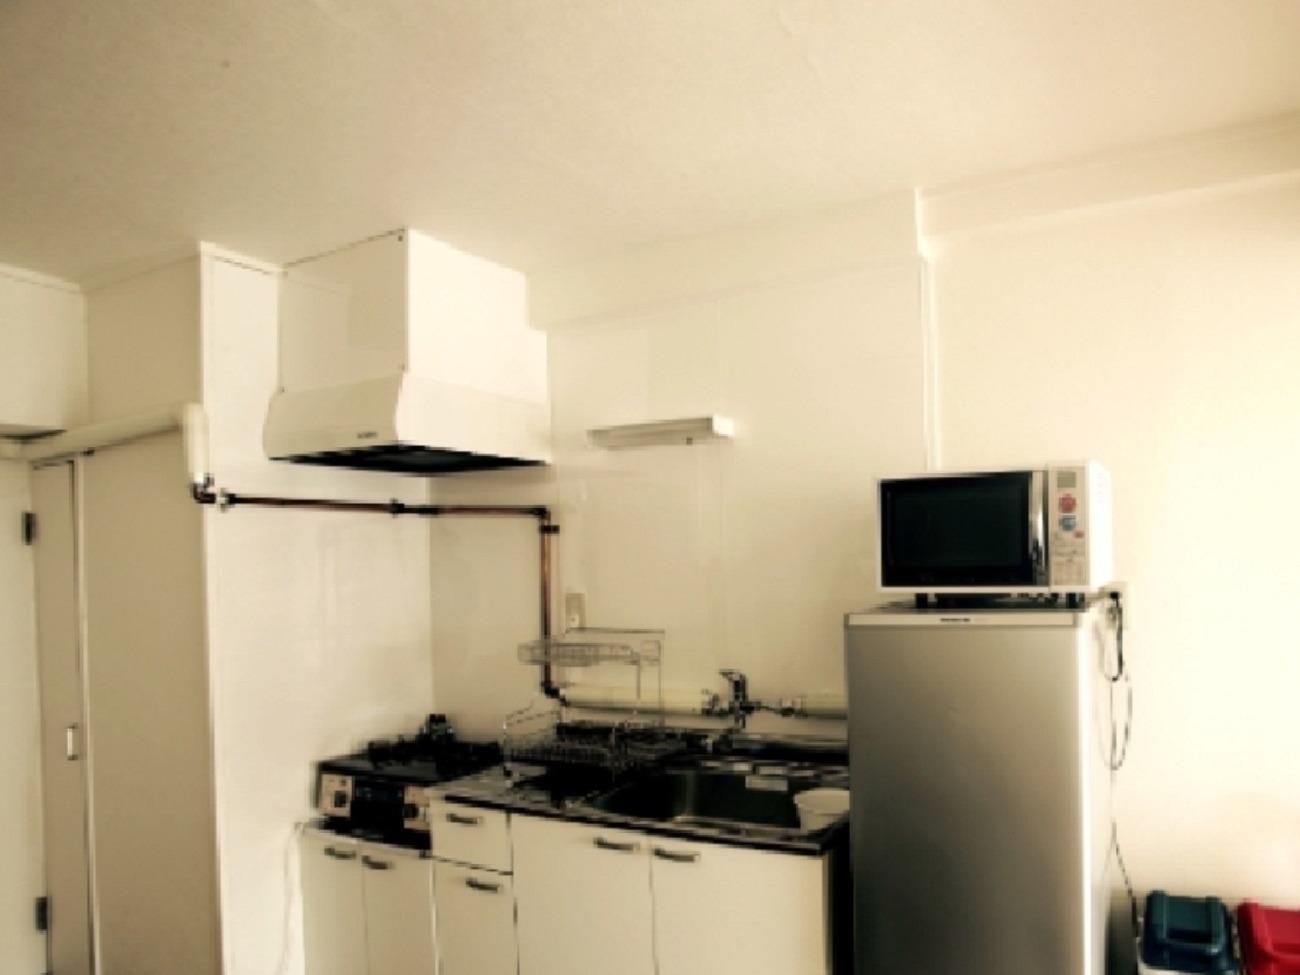 You can cook in the room! キッチン付きなのでお部屋でお料理できちゃう♪